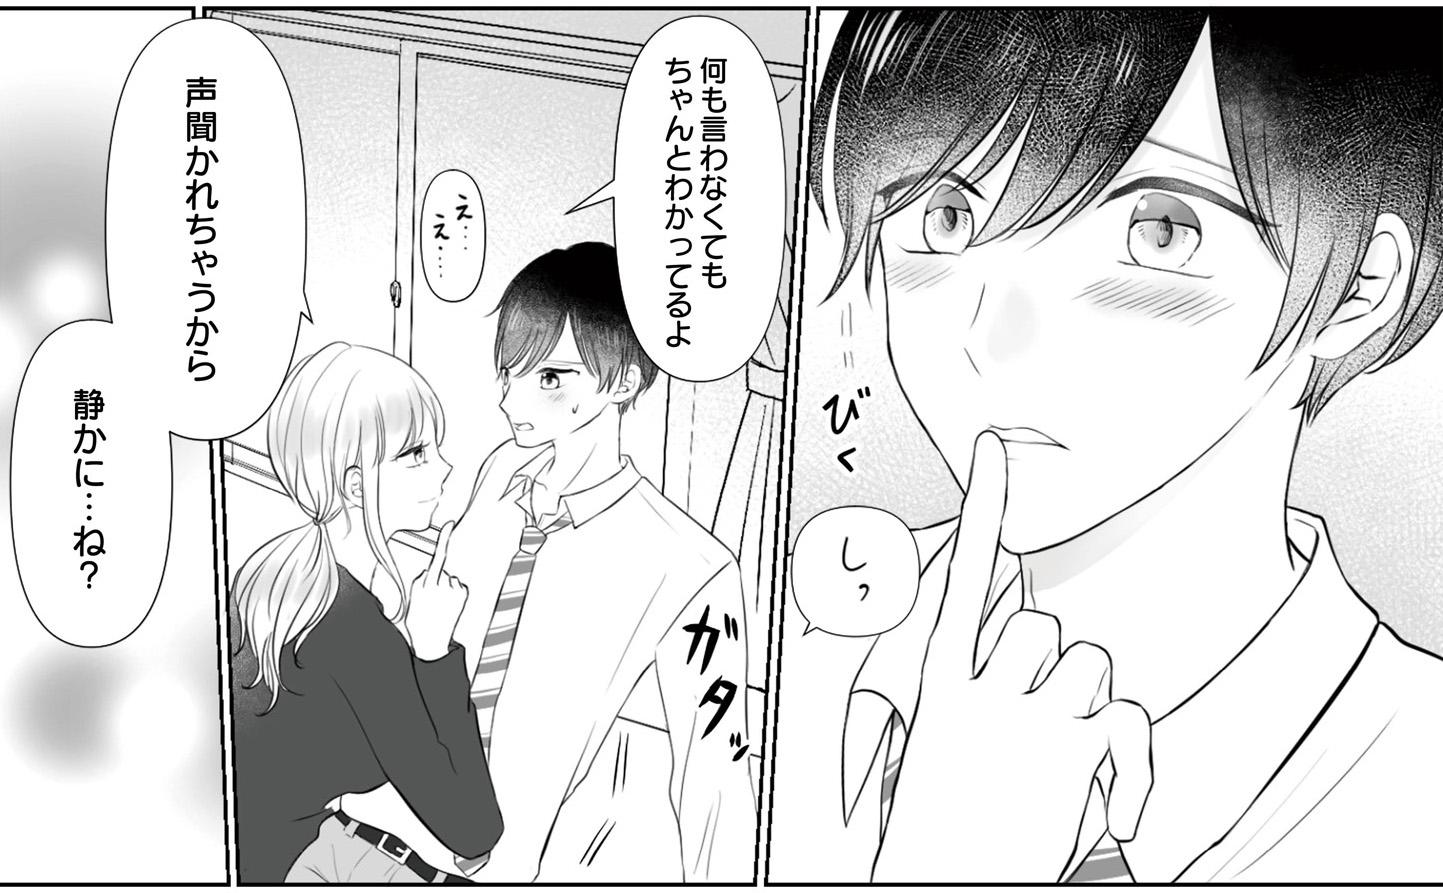 【漫画】「欲情してることバレてもいい」パーソナルスペース近すぎ!/弟の友達がかわいい(2)